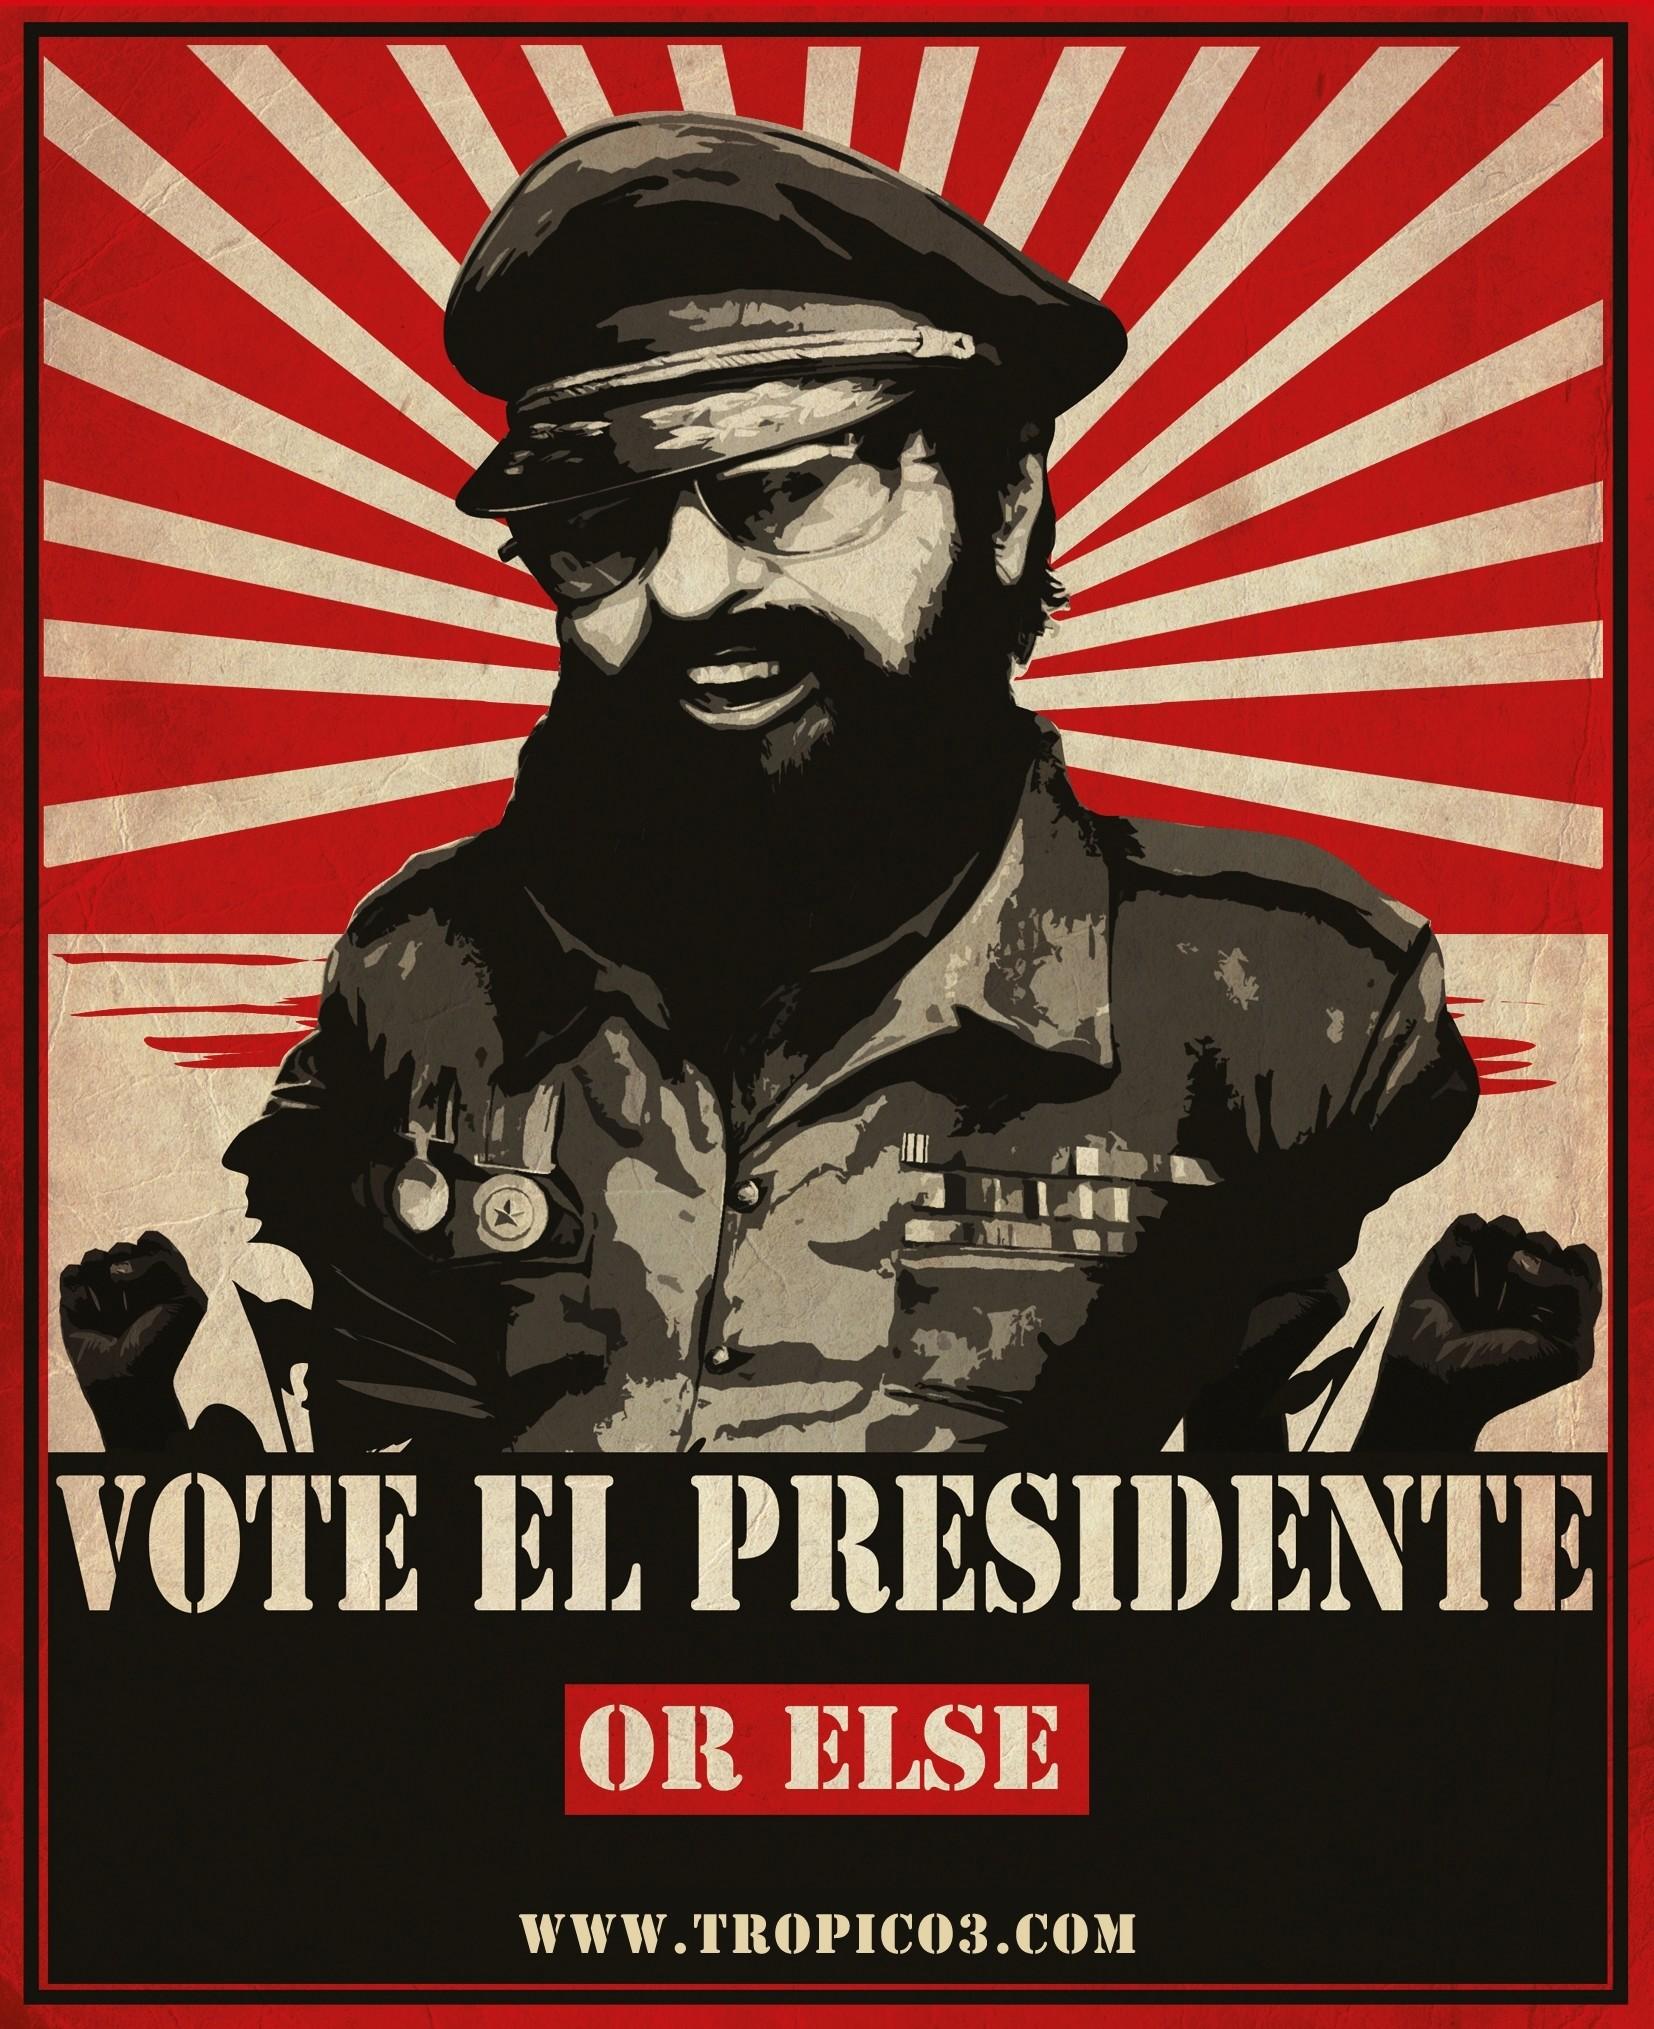 vendredi 01 juin Vote-e11